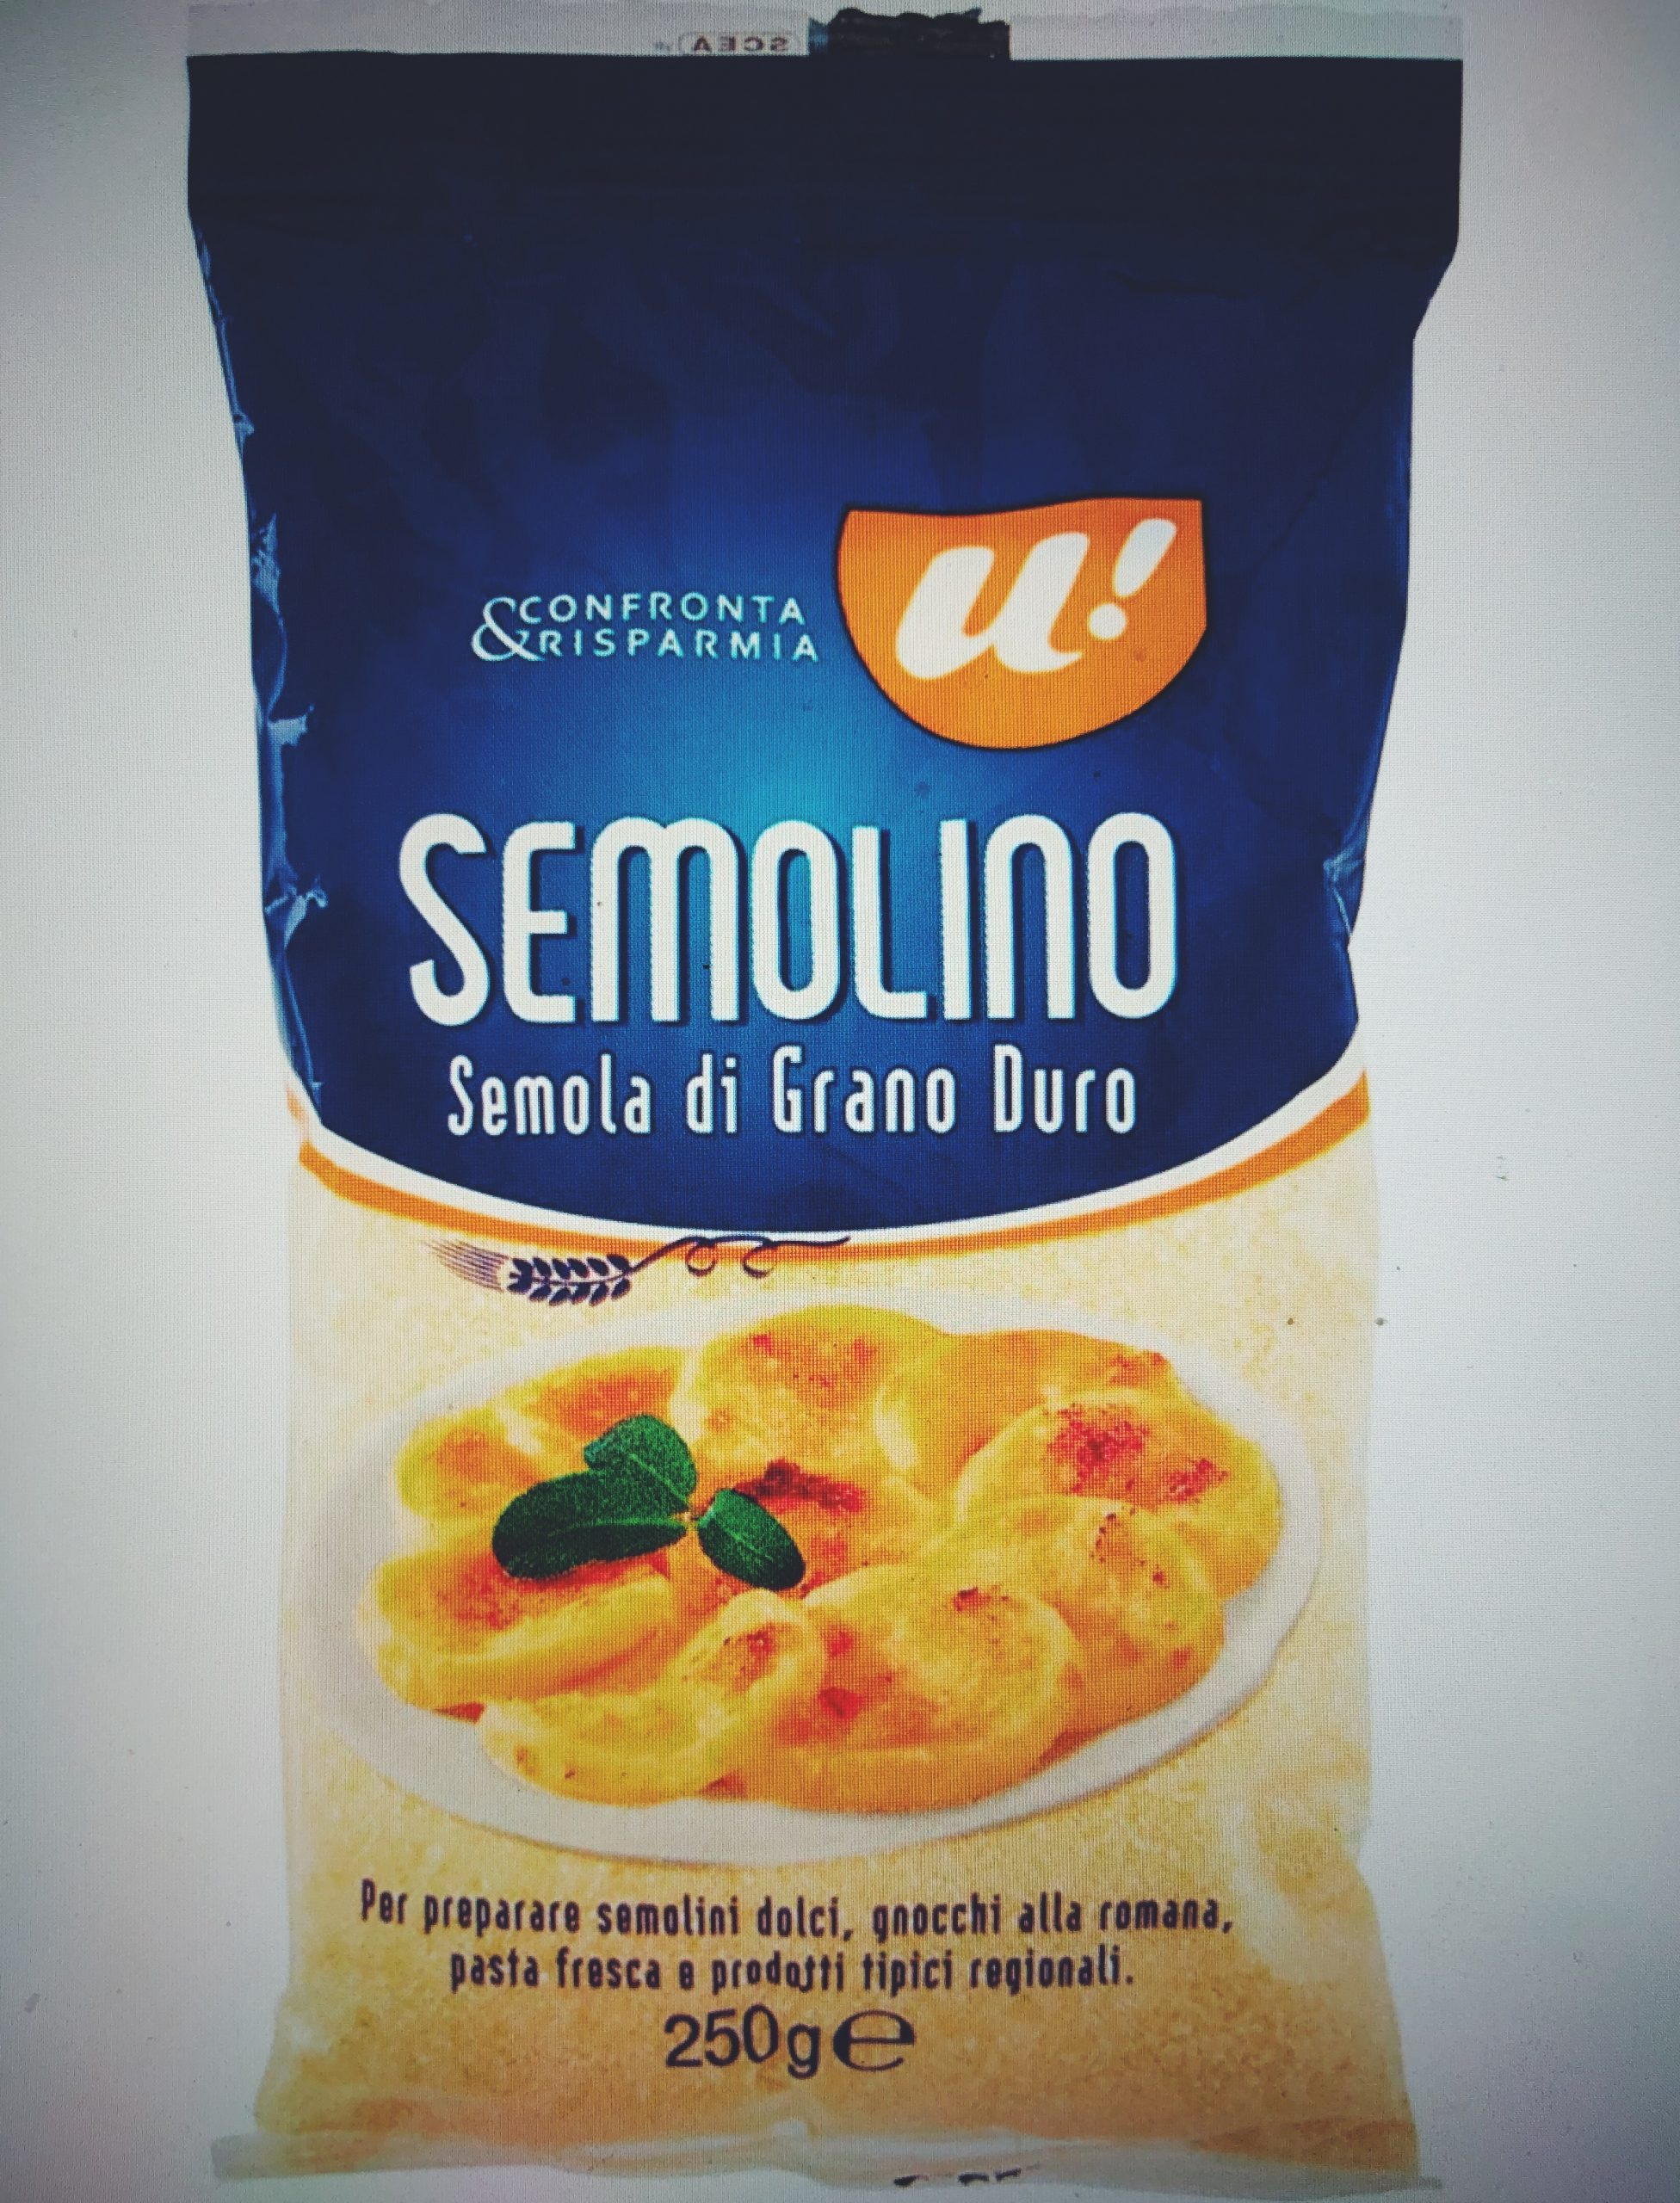 Semolina czyli kaszka z mąki pszennej twardej